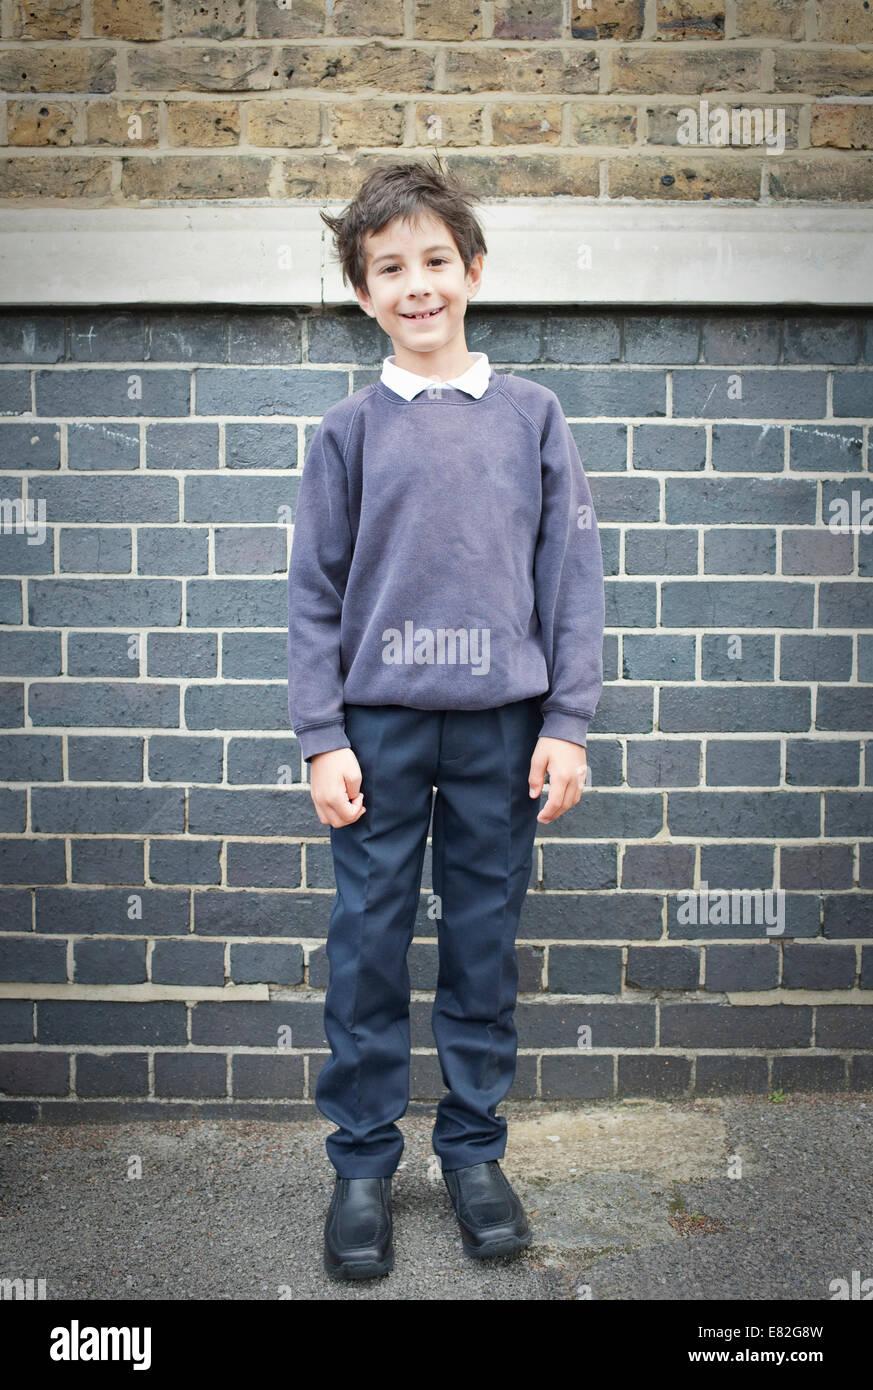 Retrato de niño en playground sonriente hacia la cámara Imagen De Stock